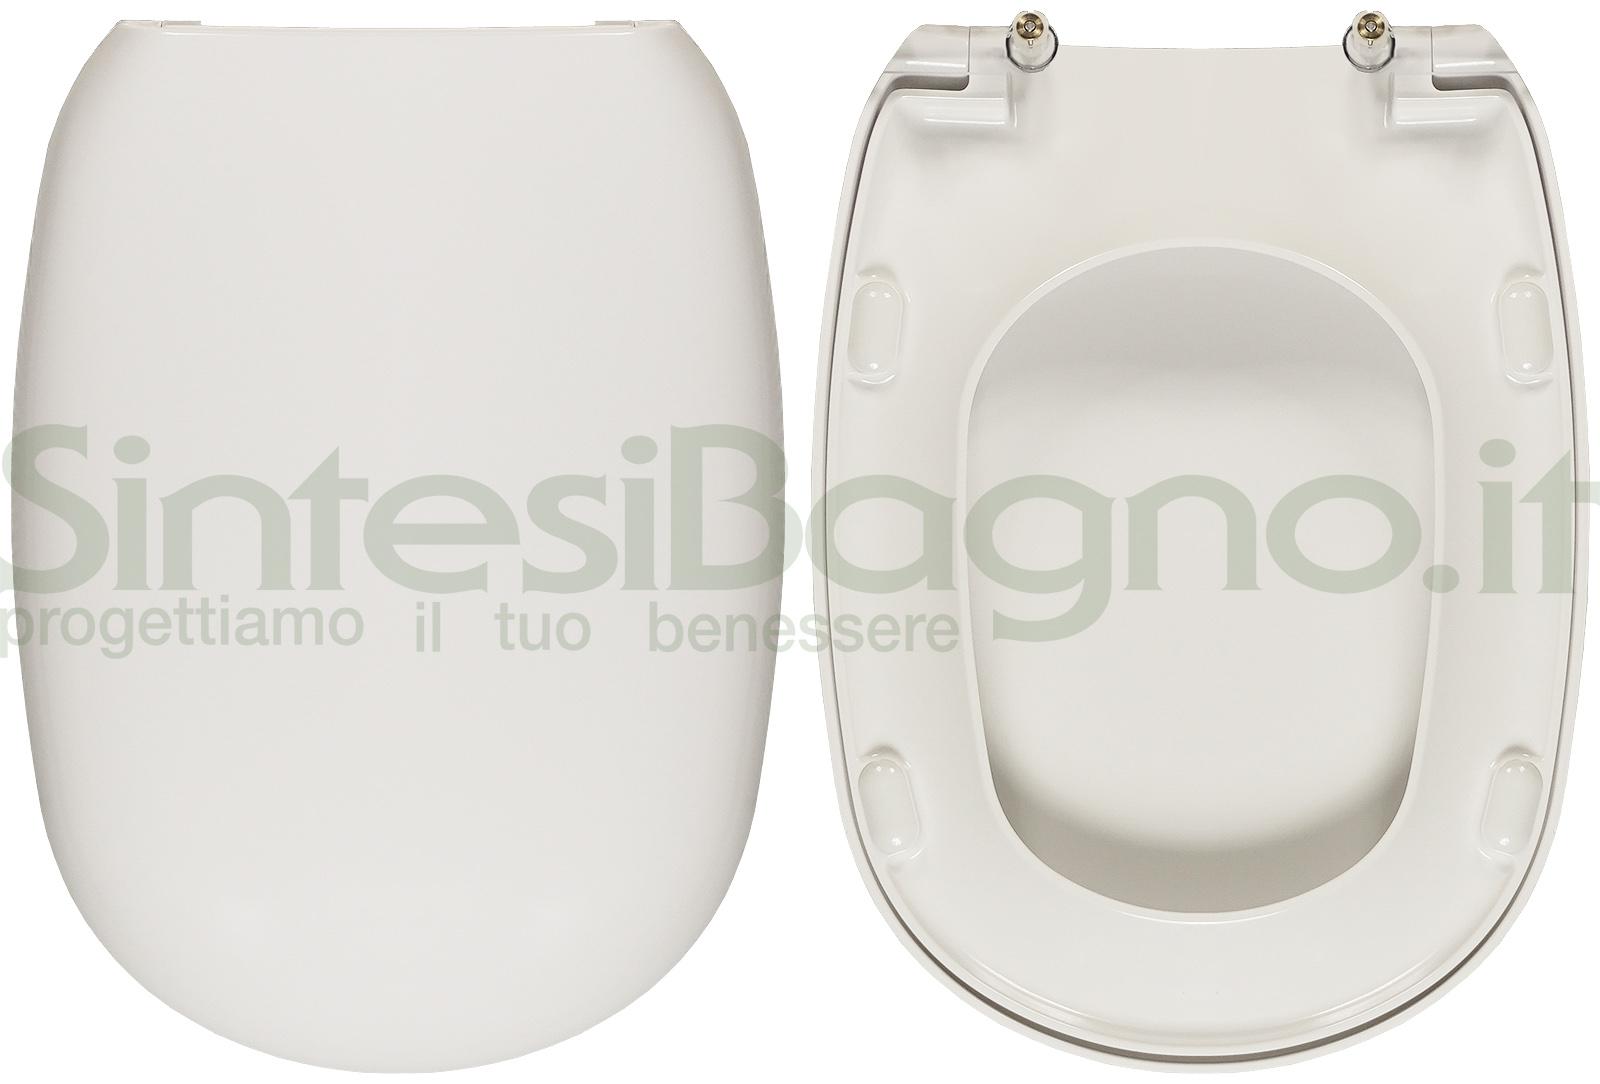 Pozzi Ginori Sedile Wc.Copriwater Per Wc Easy 02 Pozzi Ginori Ricambio Originale Duroplast Sintesibagno Shop Online